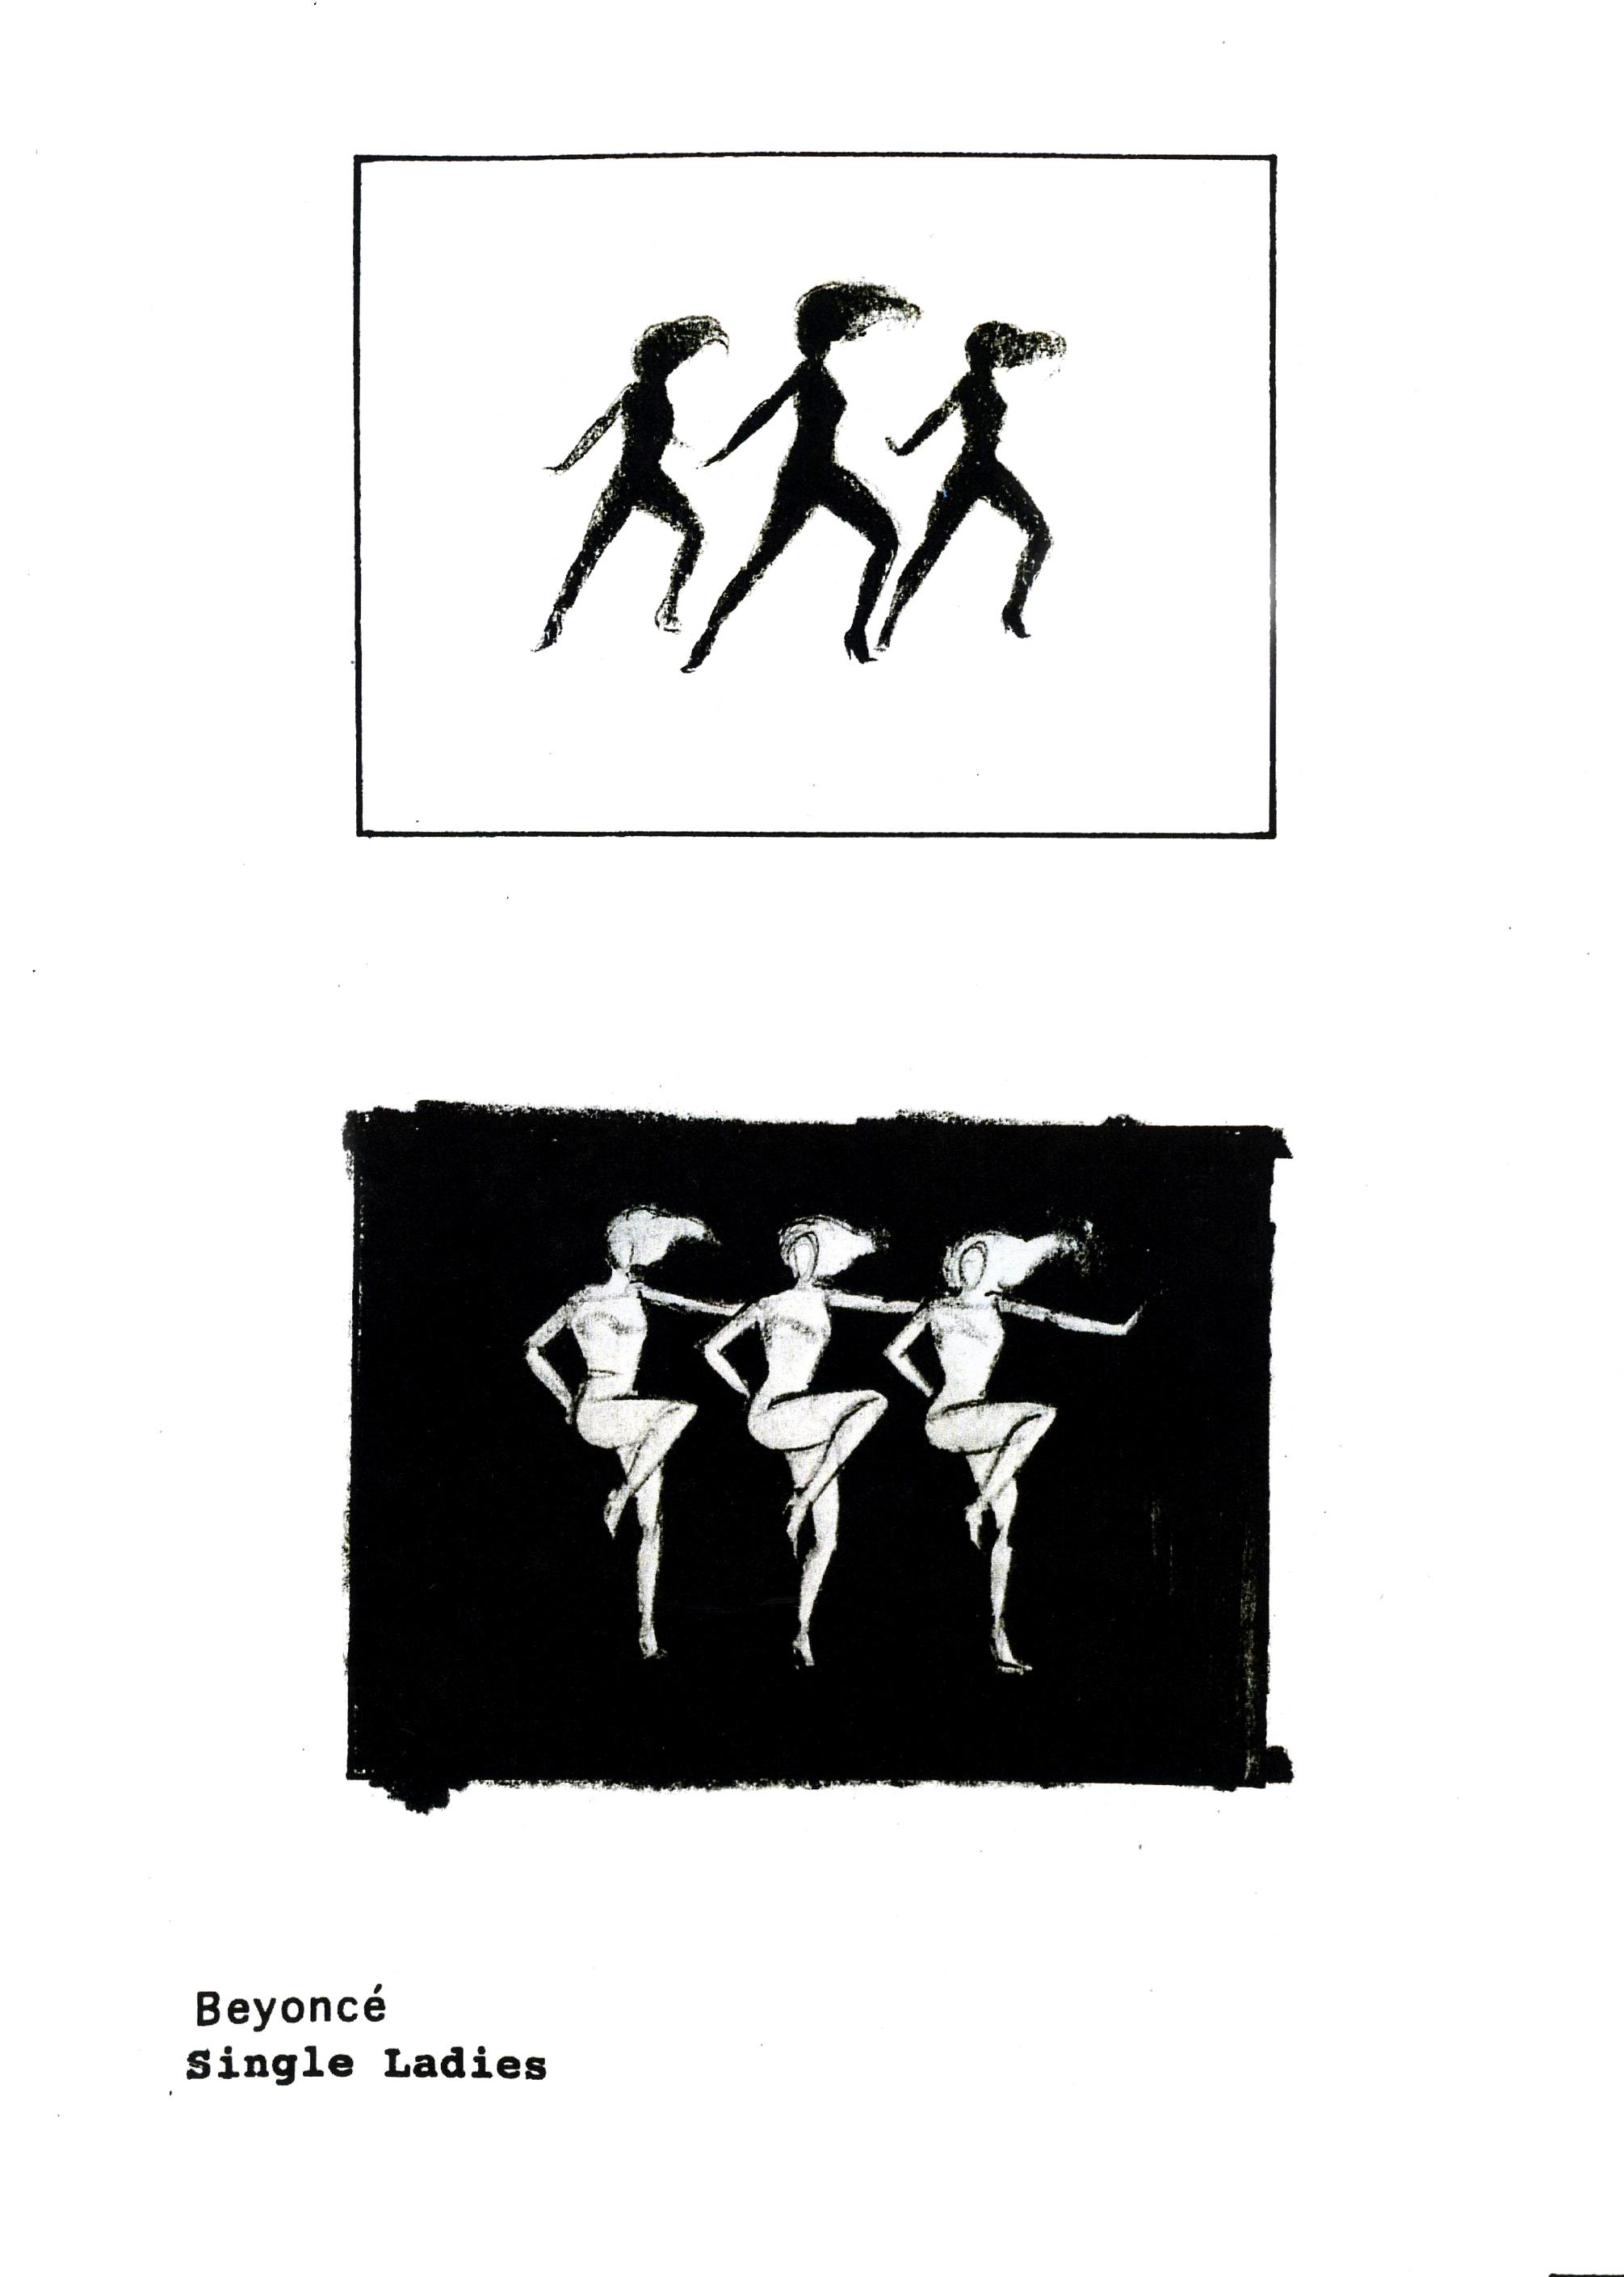 Beyonce Single Ladies 1a.jpg